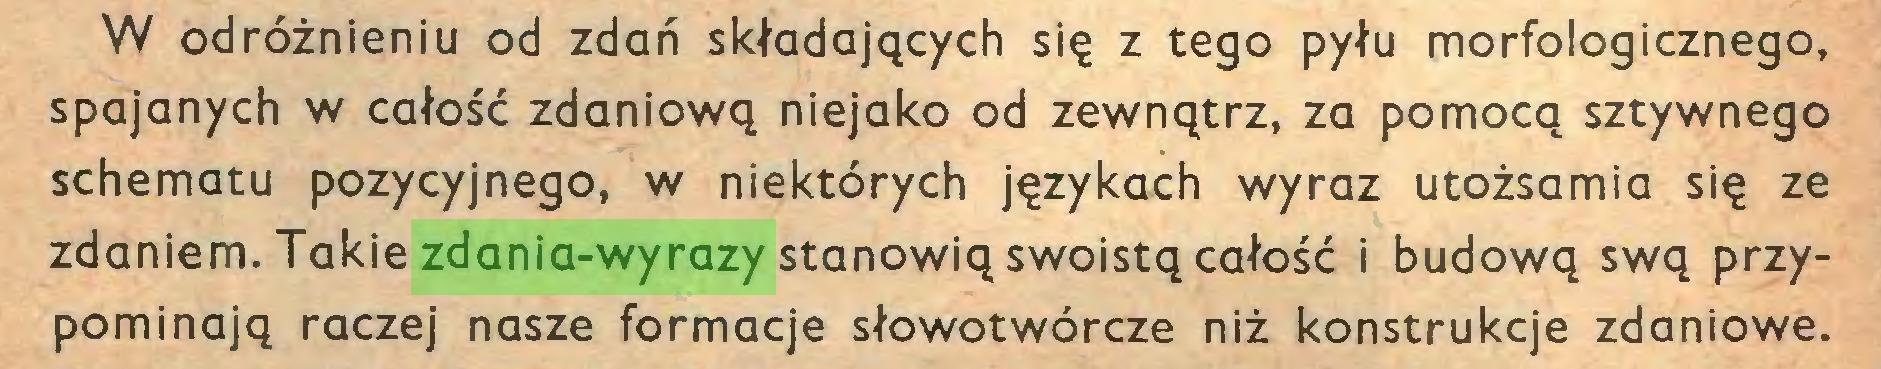 (...) W odróżnieniu od zdań składających się z tego pyłu morfologicznego, spajanych w całość zdaniową niejako od zewnątrz, za pomocą sztywnego schematu pozycyjnego, w niektórych językach wyraz utożsamia się ze zdaniem. Takie zdania-wyrazy stanowią swoistą całość i budową swą przypominają raczej nasze formacje słowotwórcze niż konstrukcje zdaniowe...